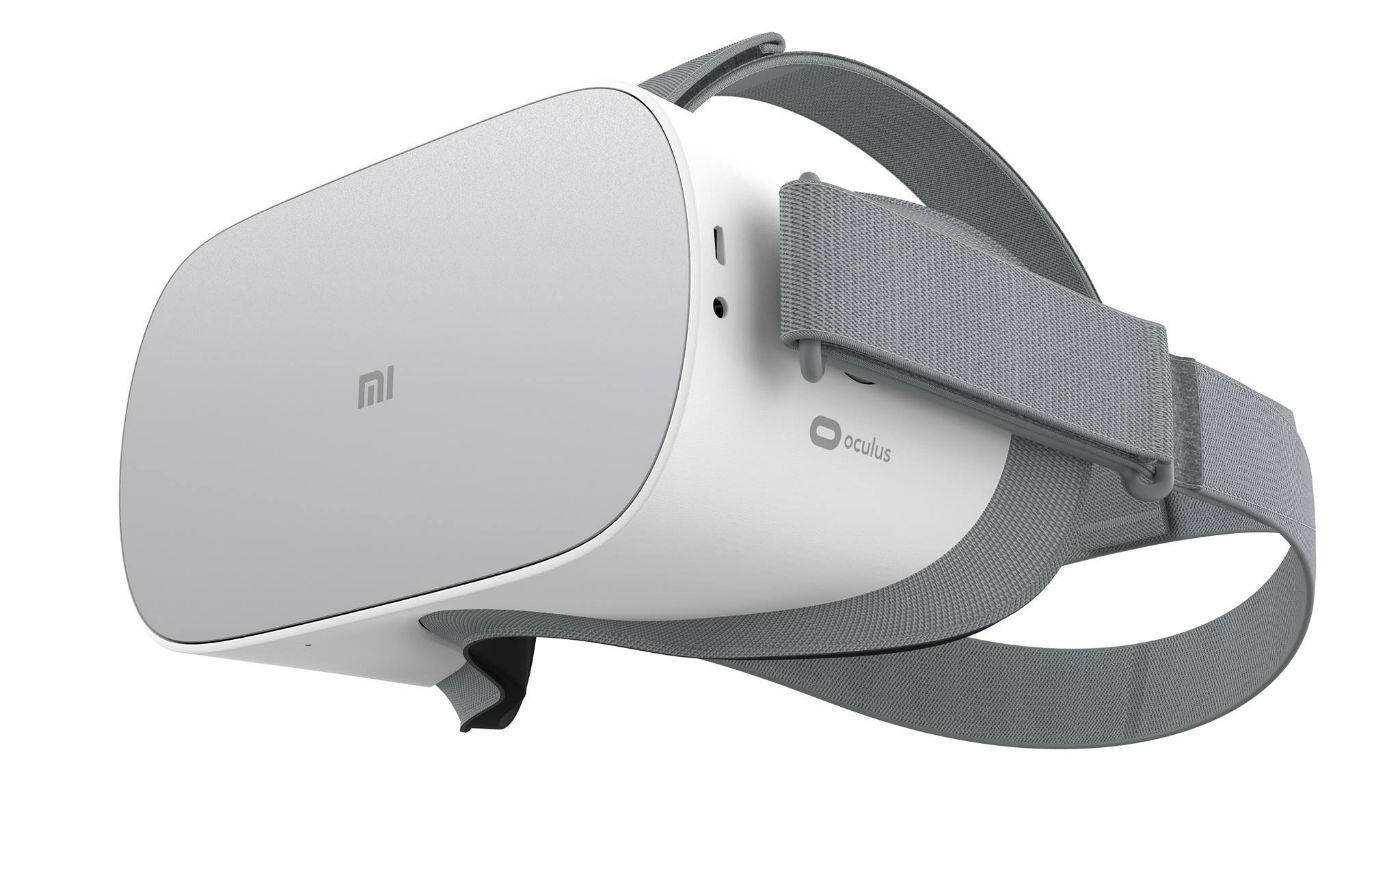 小米VR一体机本土表现出色 首发就售出3万Mi VR